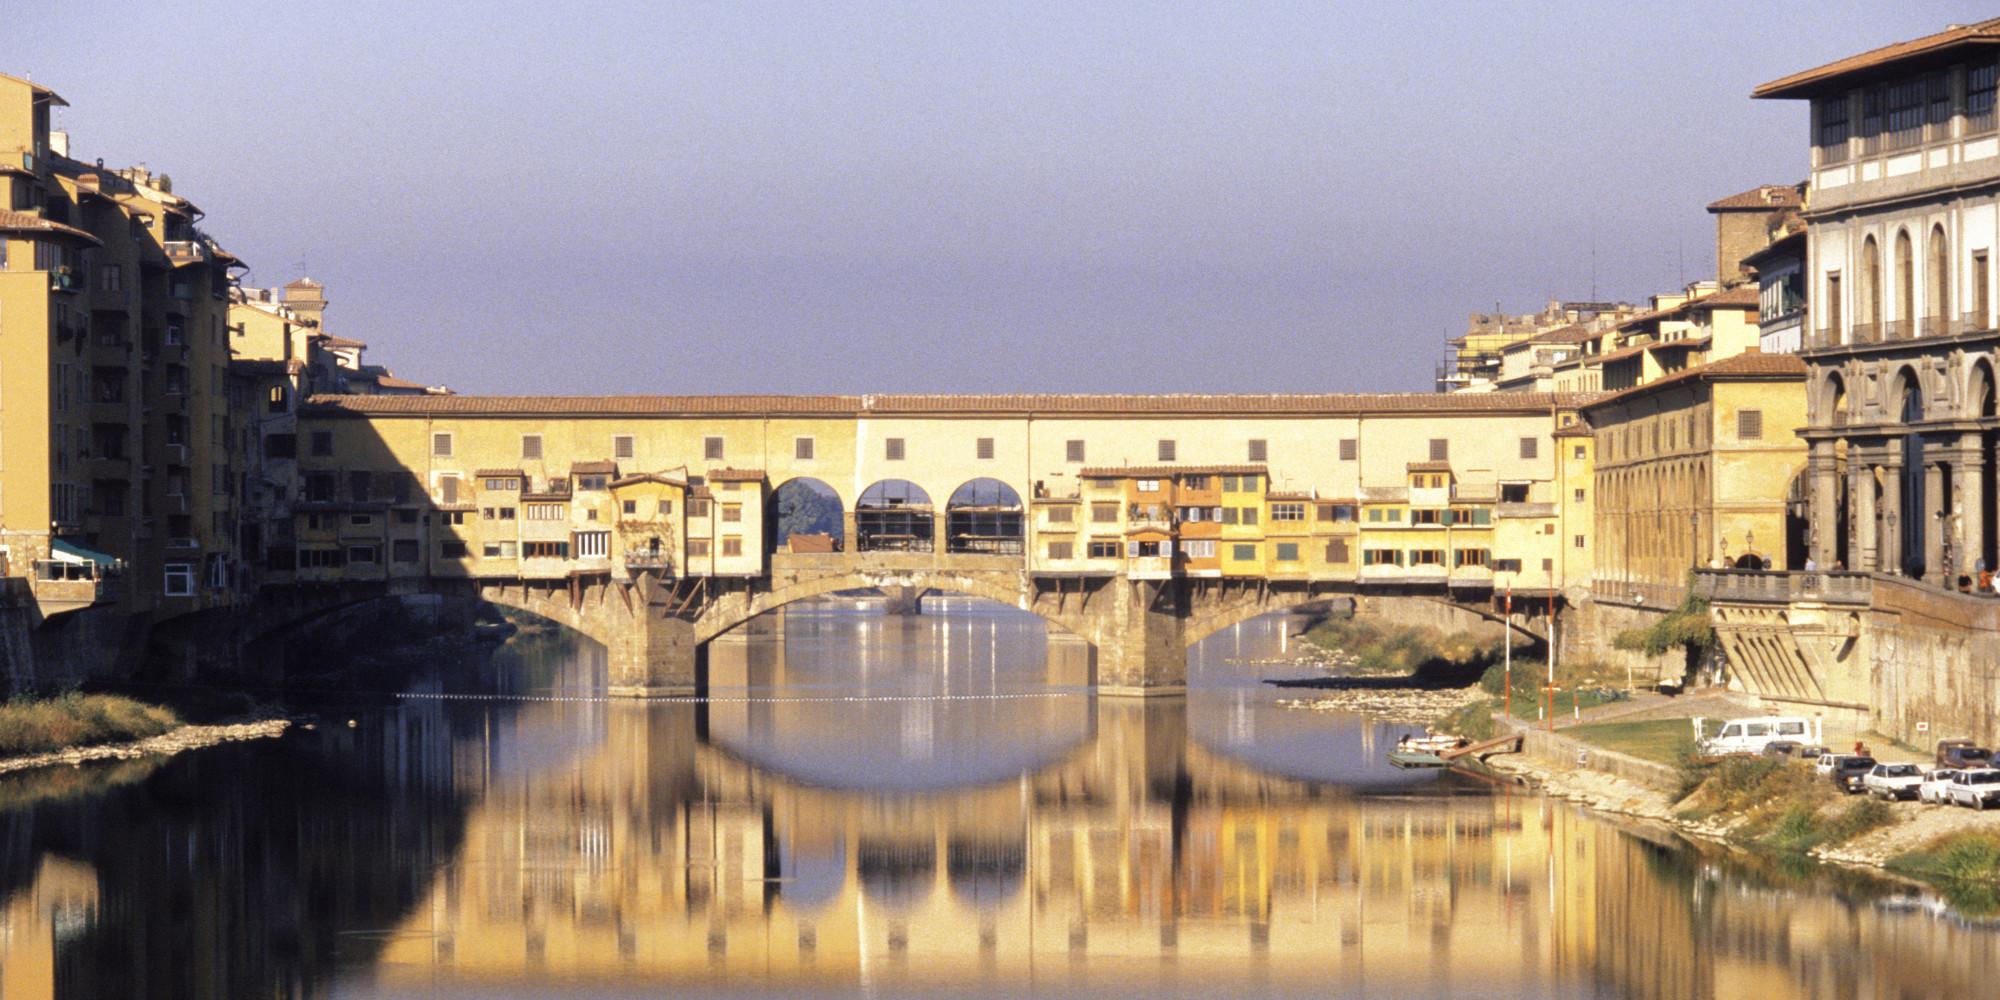 Permesso di soggiorno americani in italia idee per il for Permesso di soggiorno svizzera